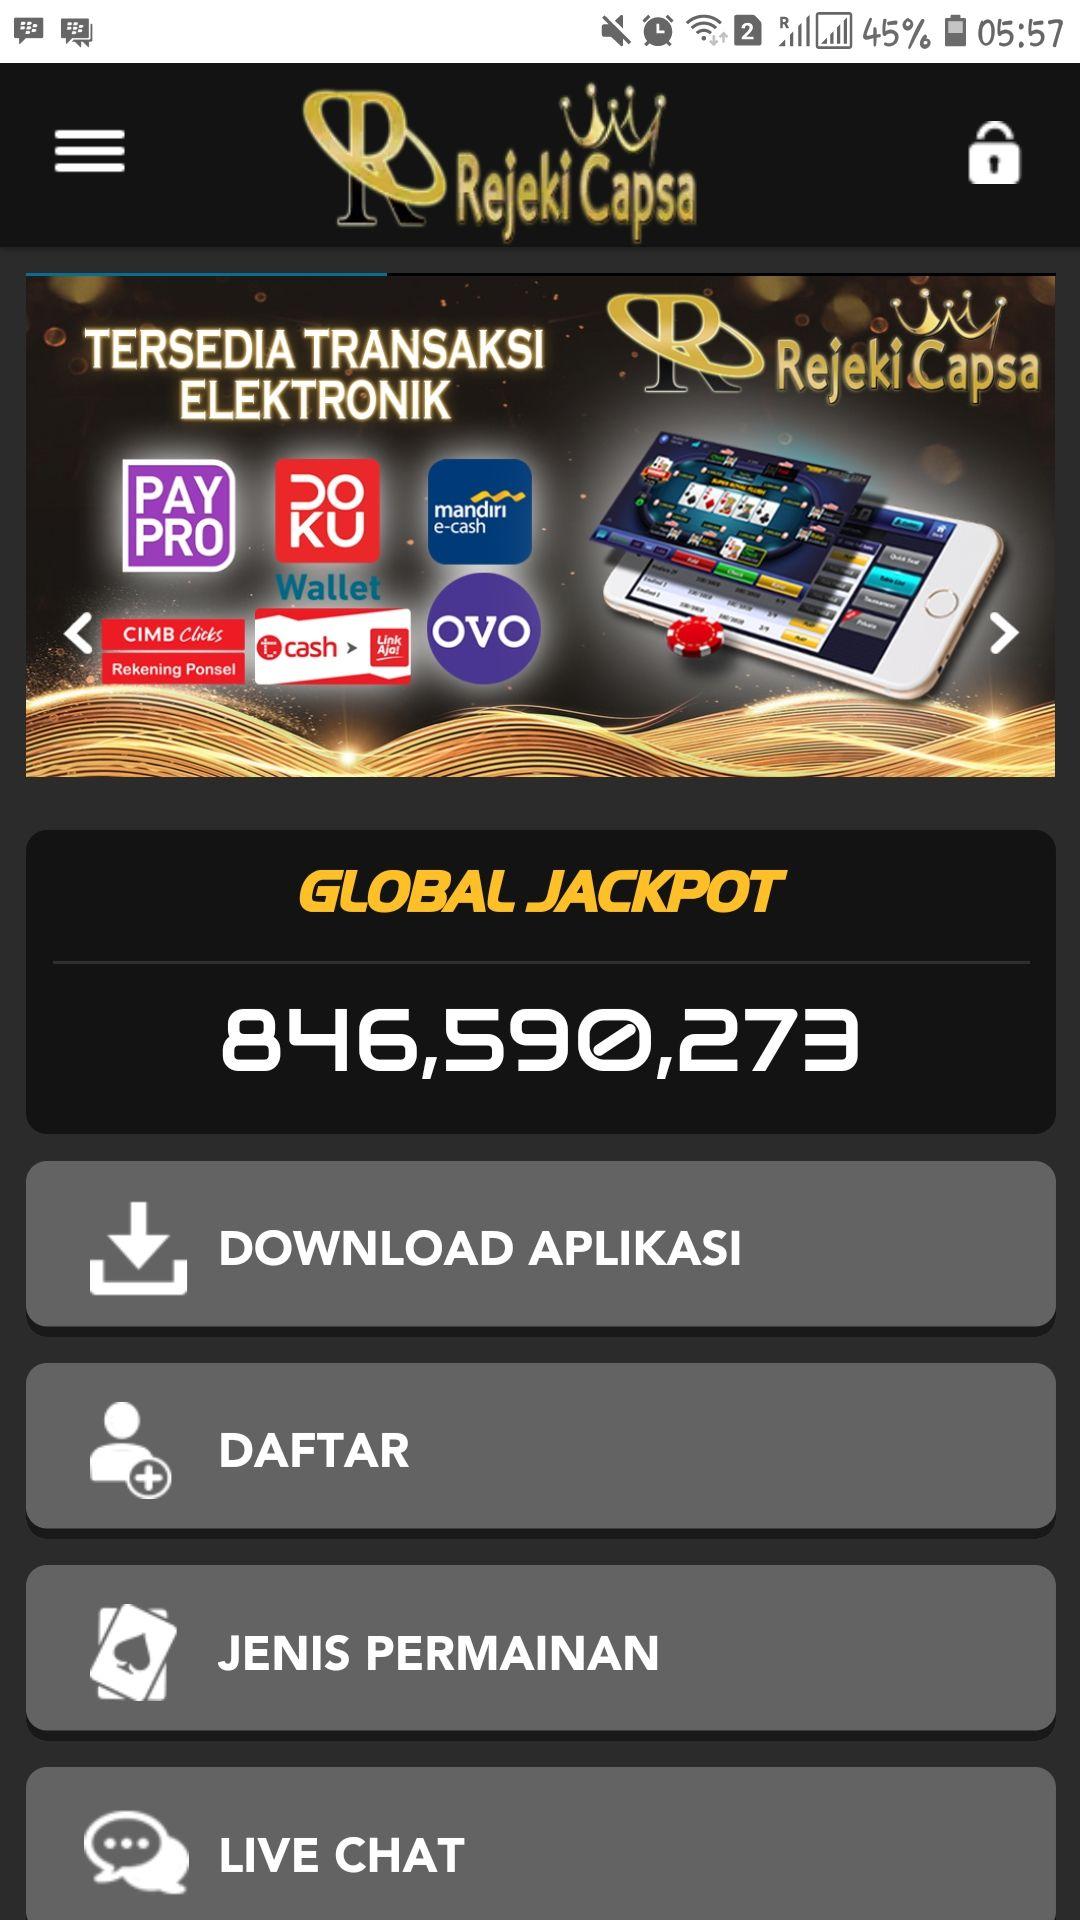 Poker Bank Bri 24 Jam Online Aplikasi Kartu Remi Poker